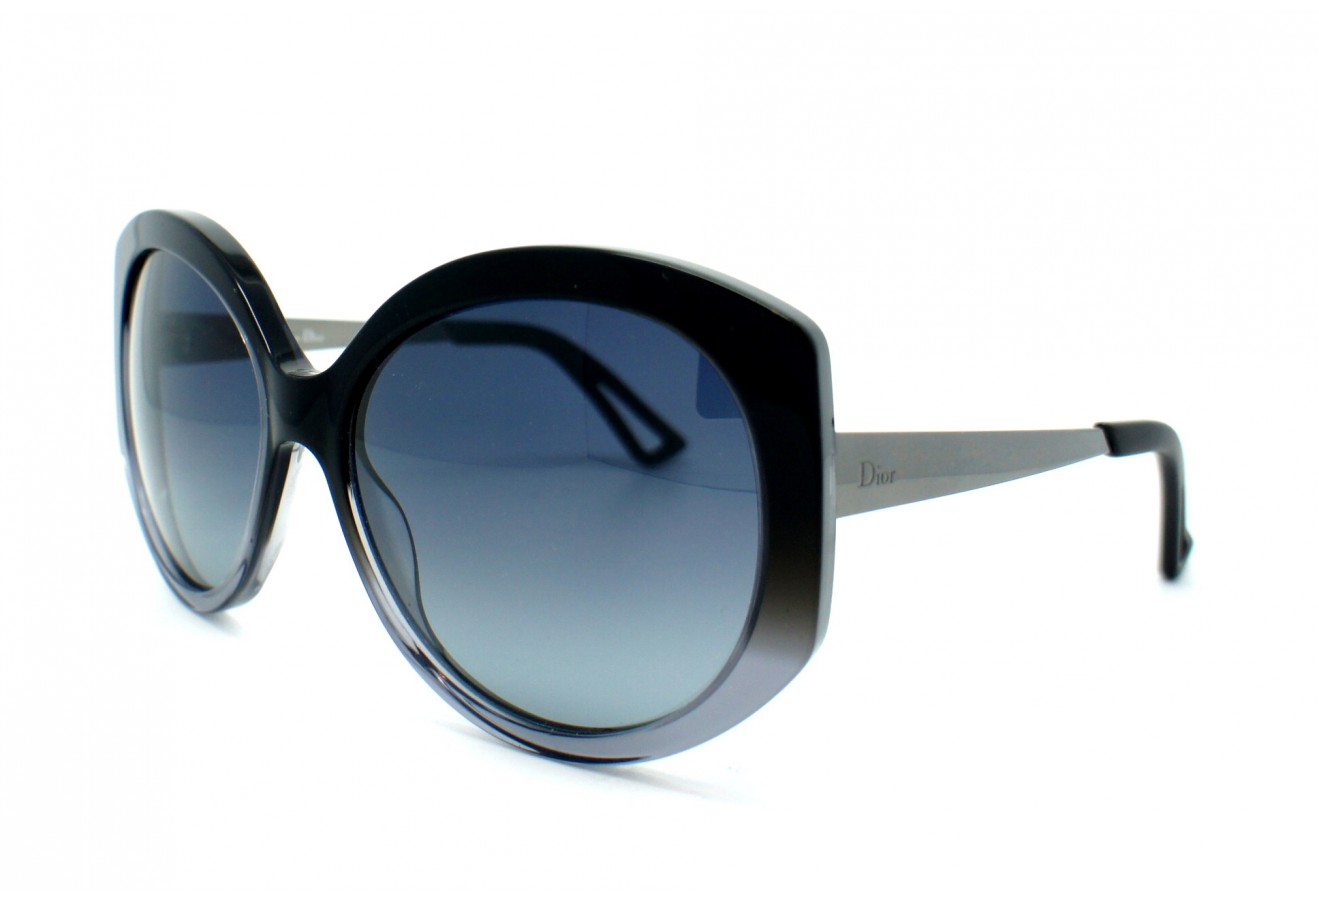 lunettes de soleil dior dior extase 1 osg hd 58 17. Black Bedroom Furniture Sets. Home Design Ideas